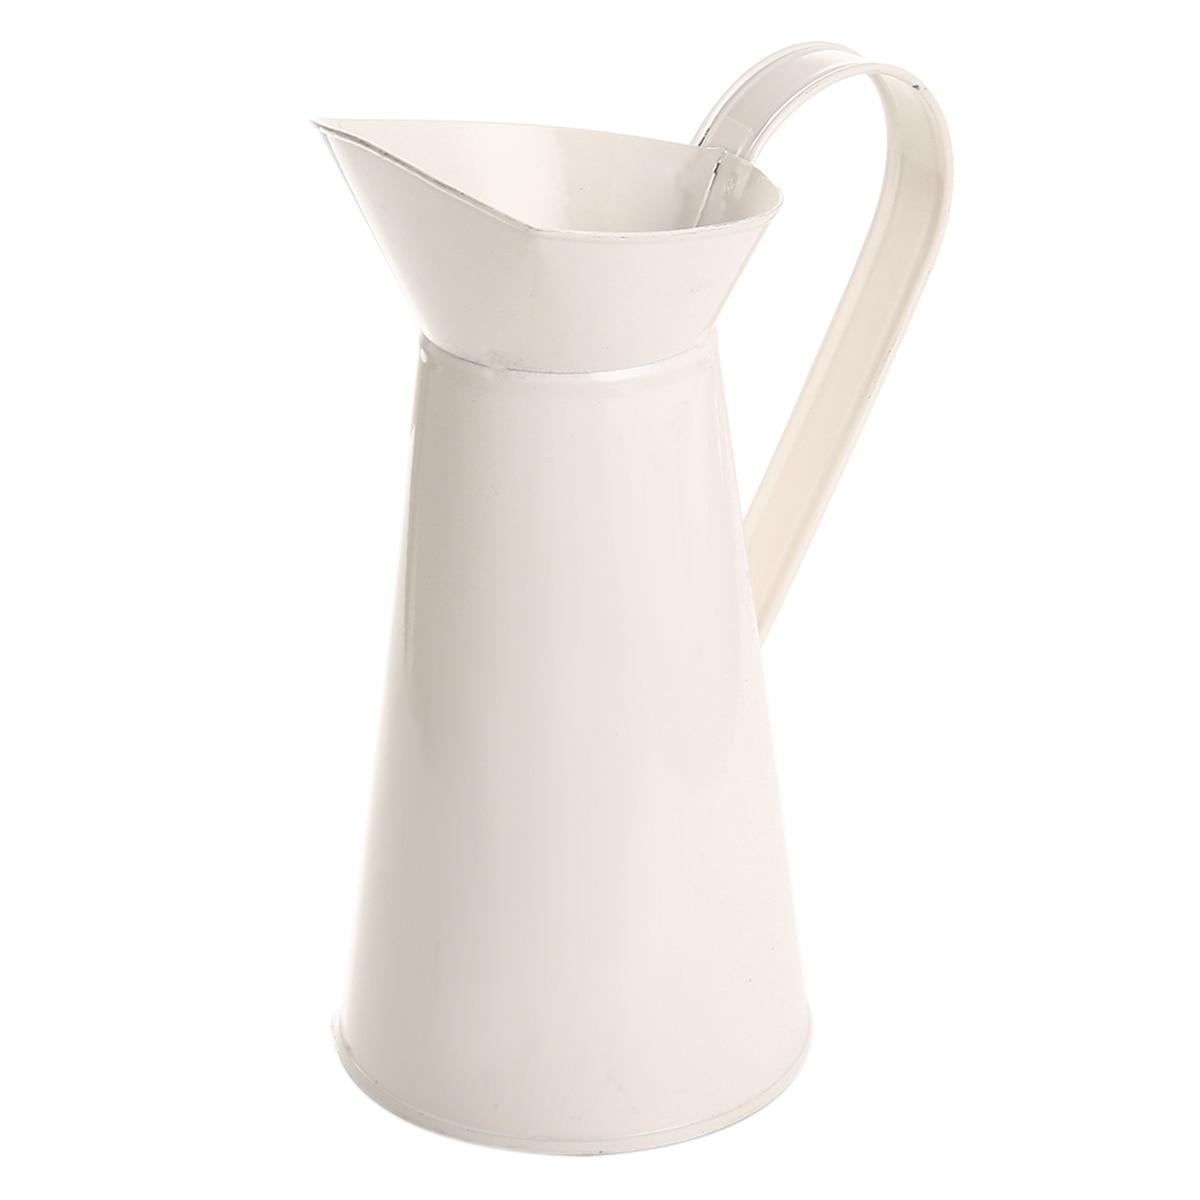 1 jarra de Metal Vintage de estilo Shabby Chic, jarra esmaltada para decoración del hogar y la boda